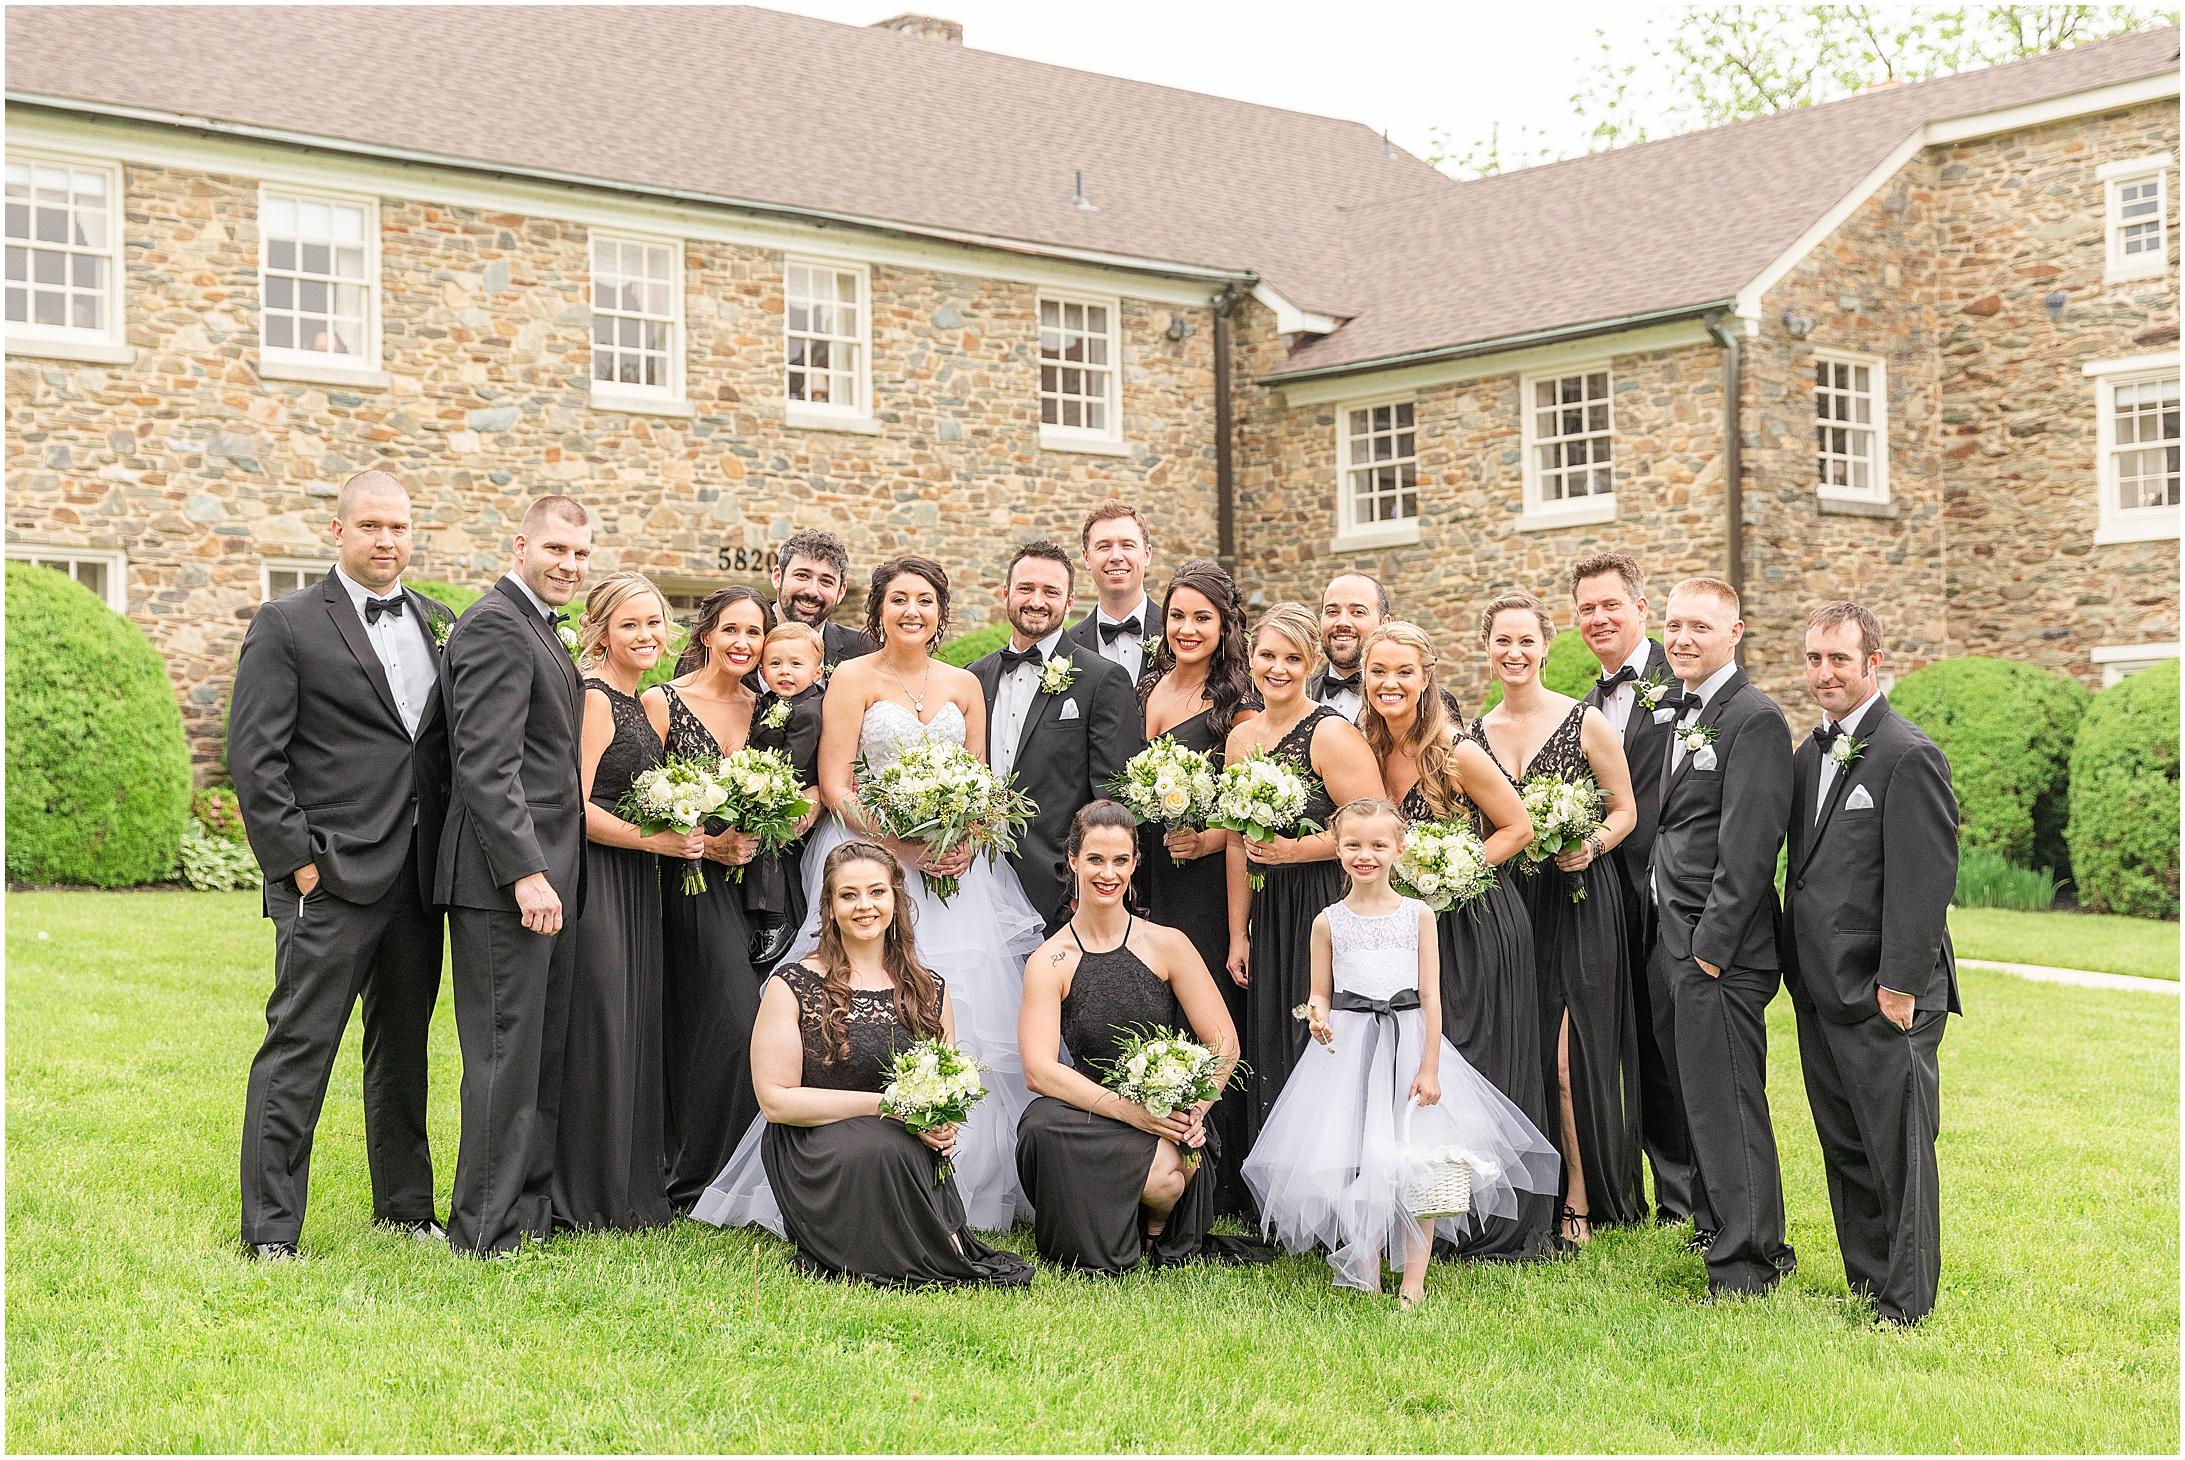 Stone-manor-country-club-wedding-photos-121.jpg